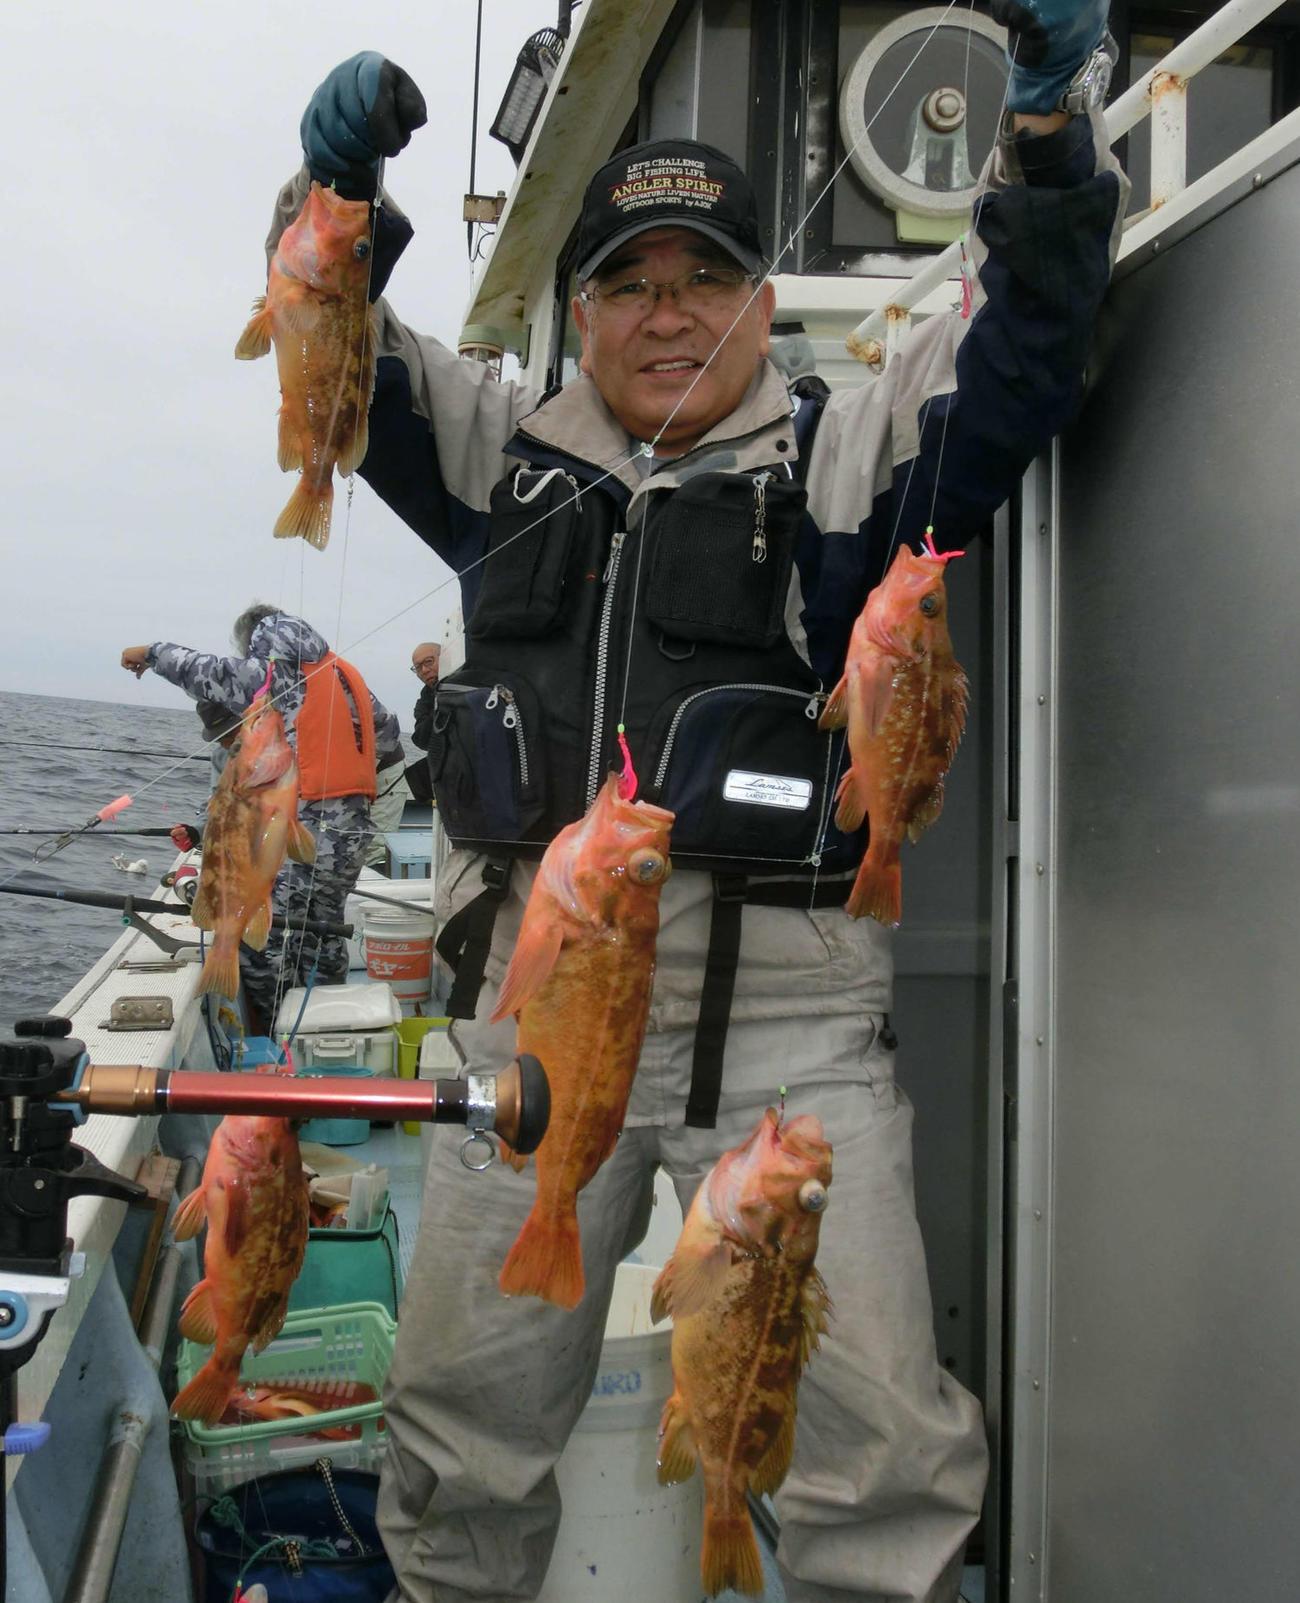 ヤナギノマイを一度に8匹釣った札幌市の石黒努さん